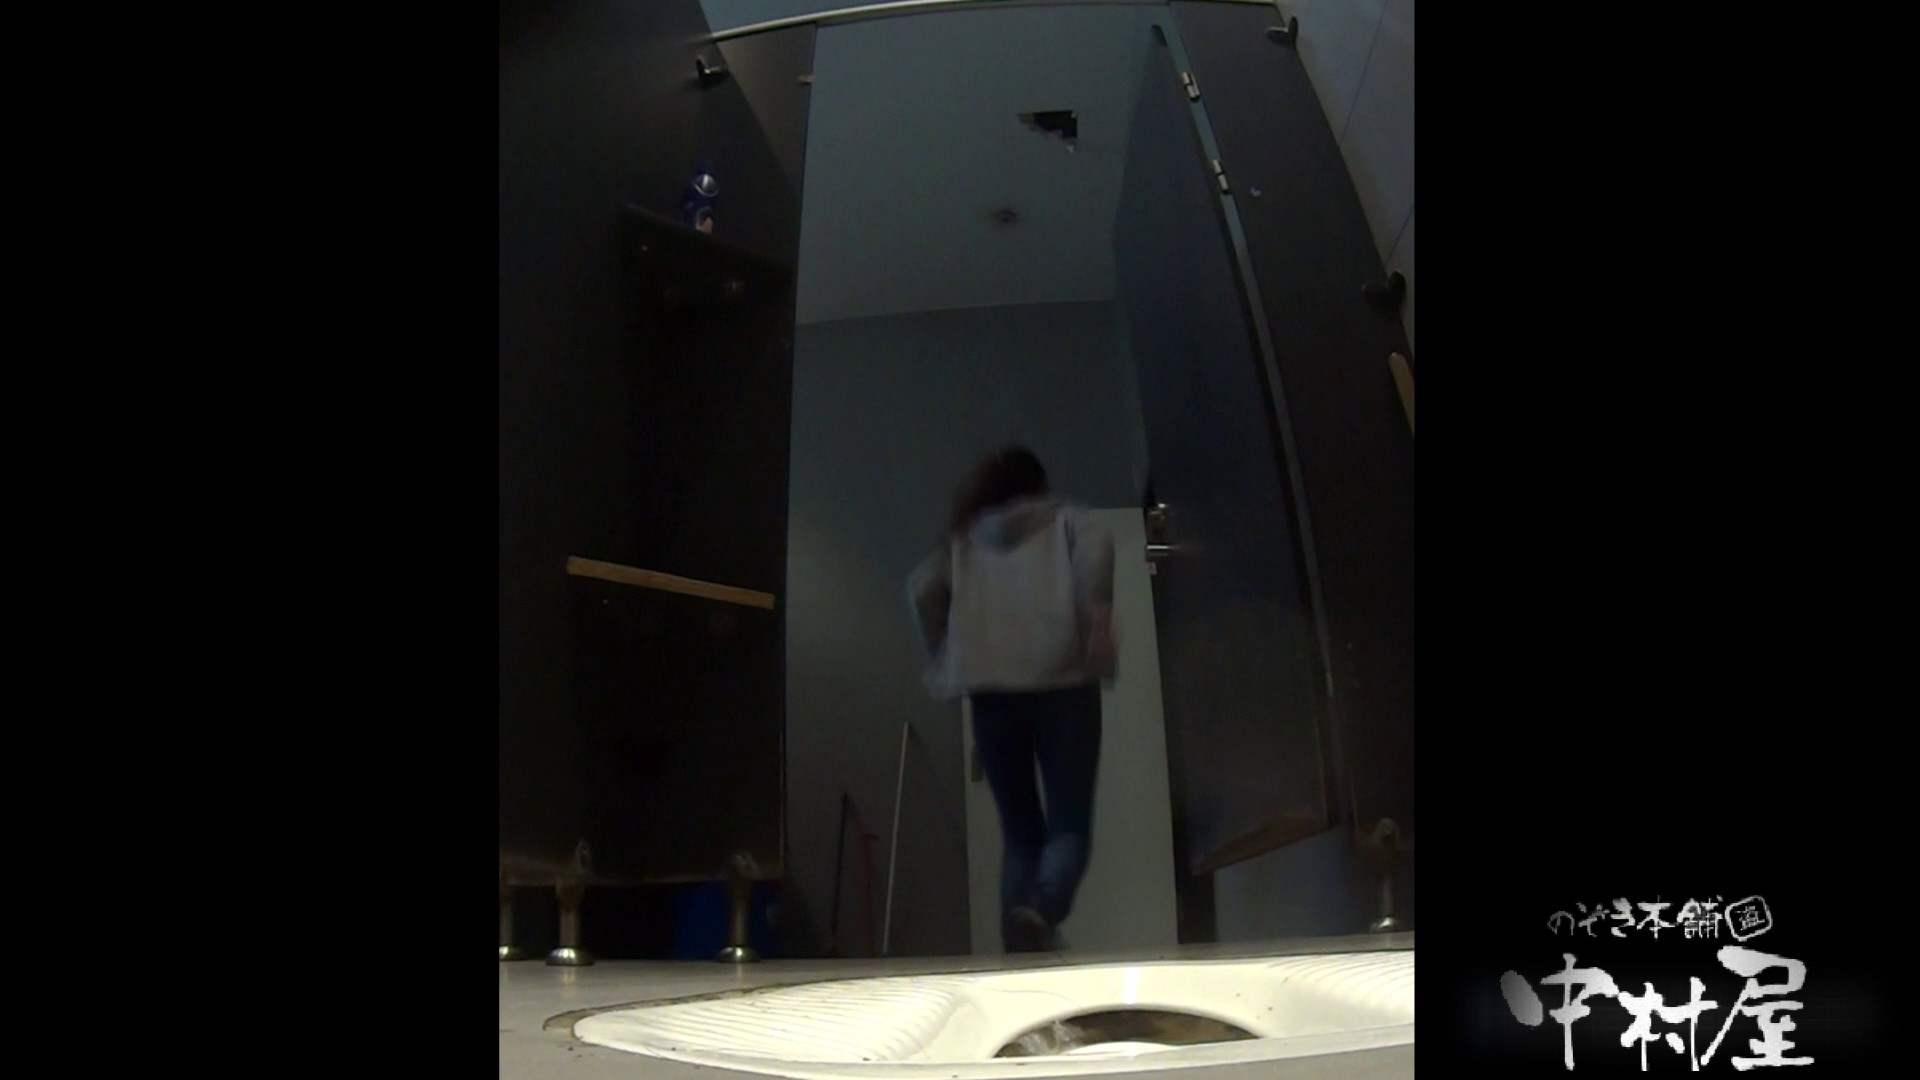 大学休憩時間の洗面所事情21 お姉さん   美女エロ画像  92PICs 41